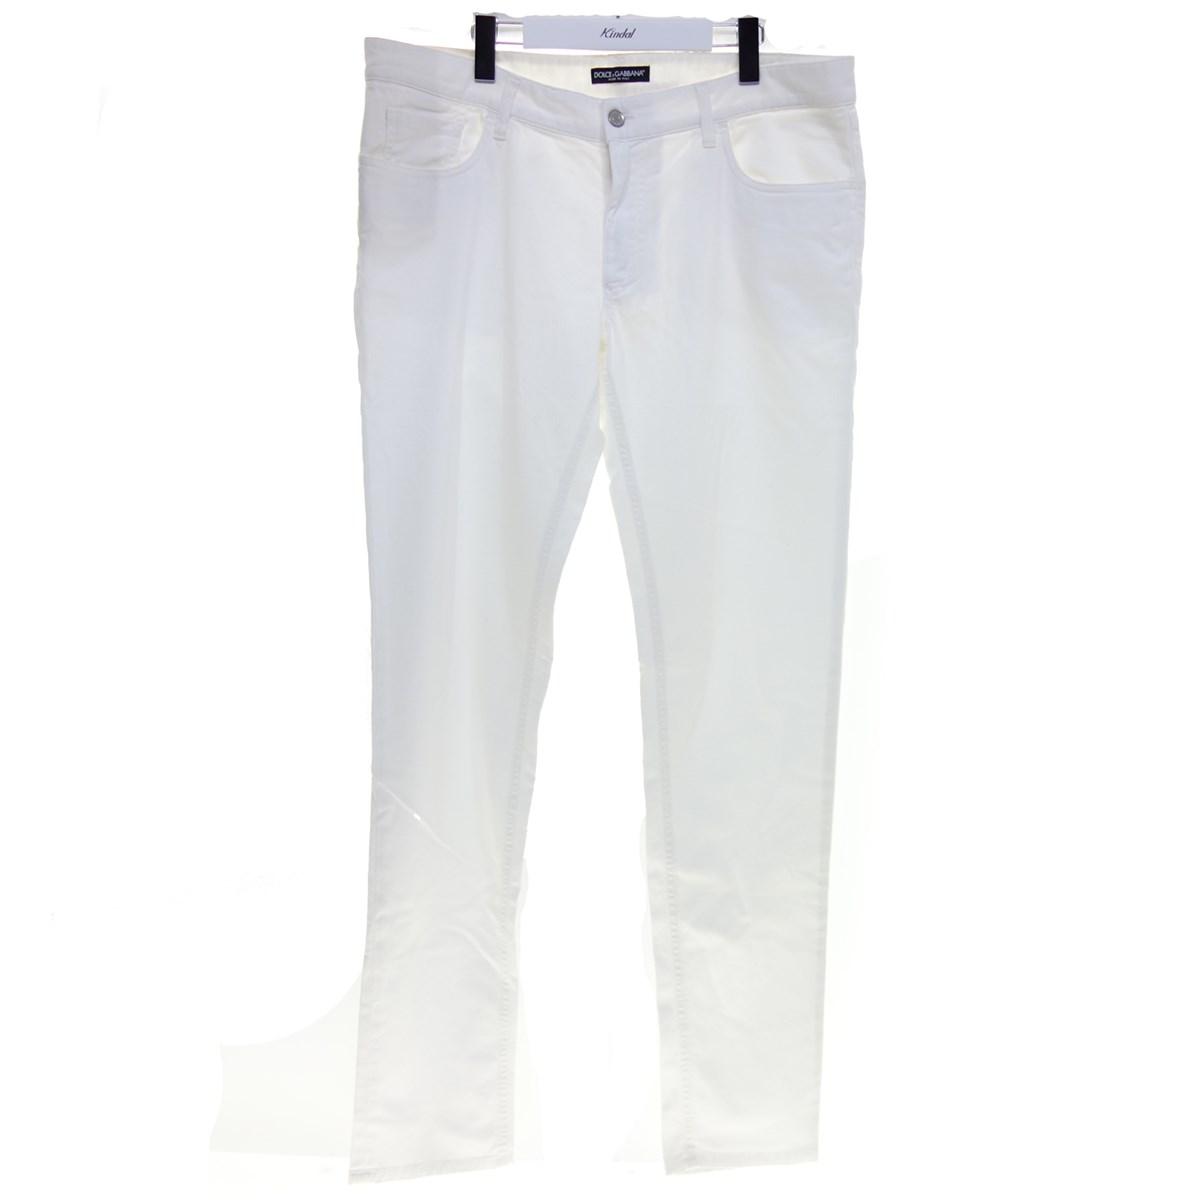 【中古】DOLCE&GABBANA コットンパンツ ホワイト サイズ:54 【290620】(ドルチェアンドガッバーナ)